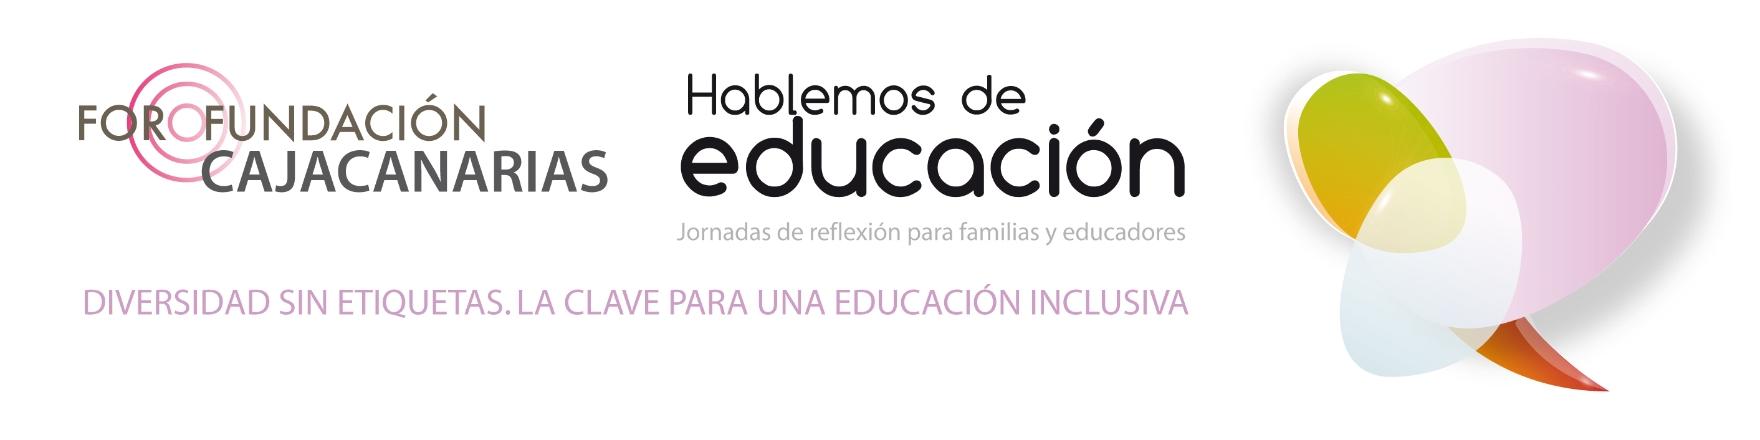 cabecera foro hablemos de educacion 2021